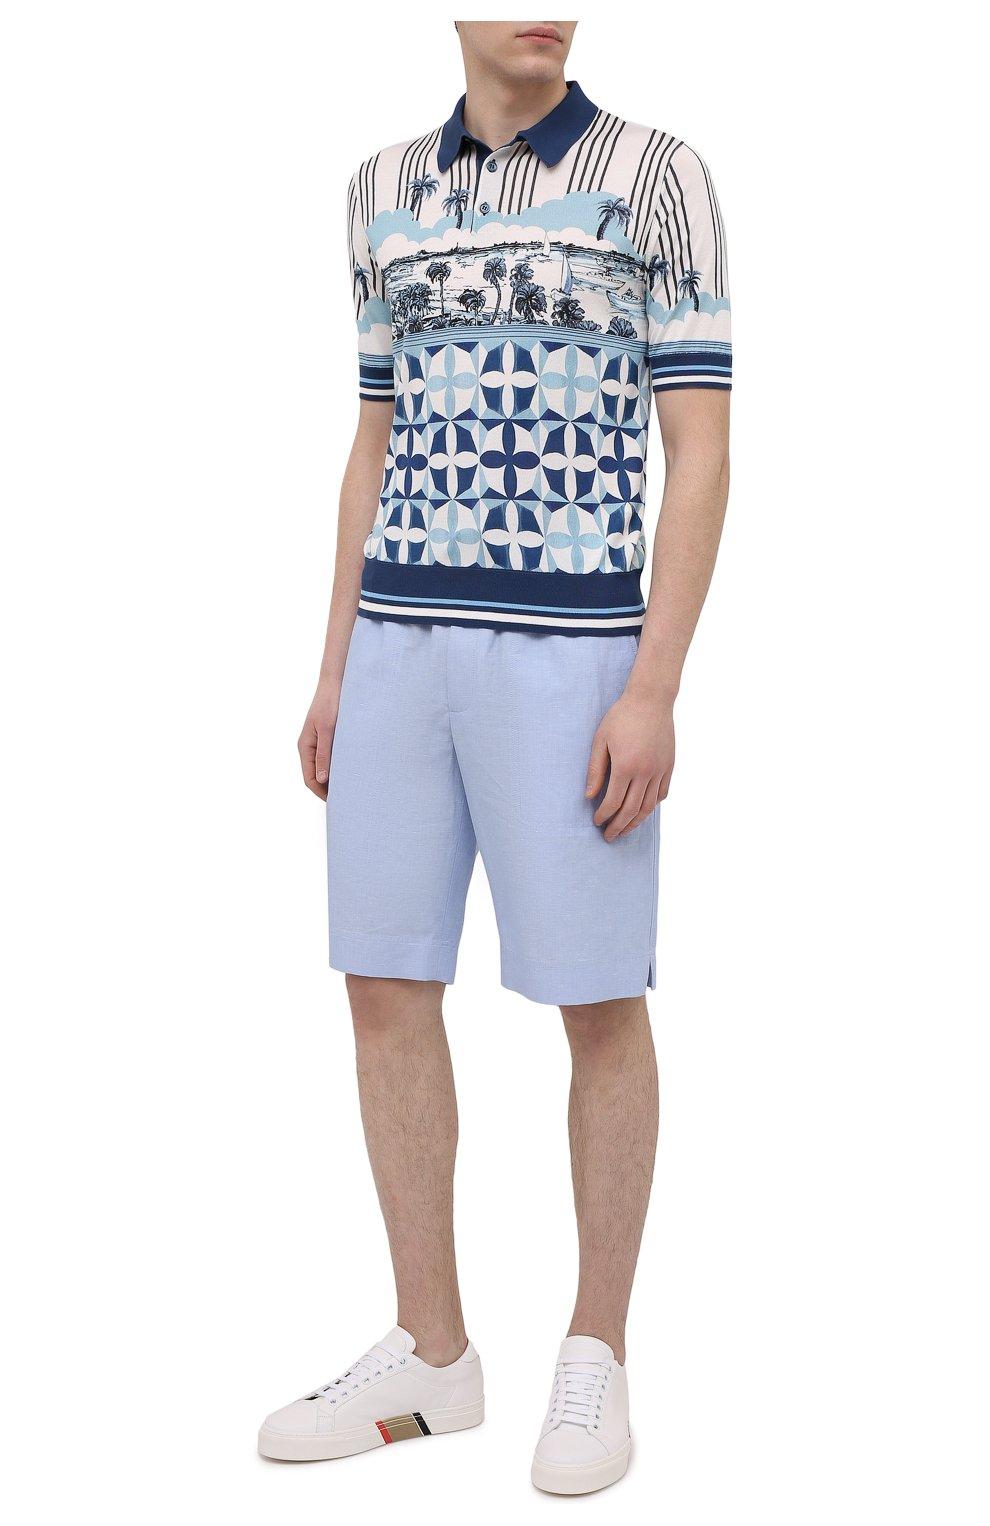 Мужские шорты изо льна и хлопка DOLCE & GABBANA голубого цвета, арт. GYUBAZ/FU4F6 | Фото 2 (Мужское Кросс-КТ: Шорты-одежда; Длина Шорты М: До колена; Принт: Без принта; Материал внешний: Хлопок, Лен; Стили: Кэжуэл)